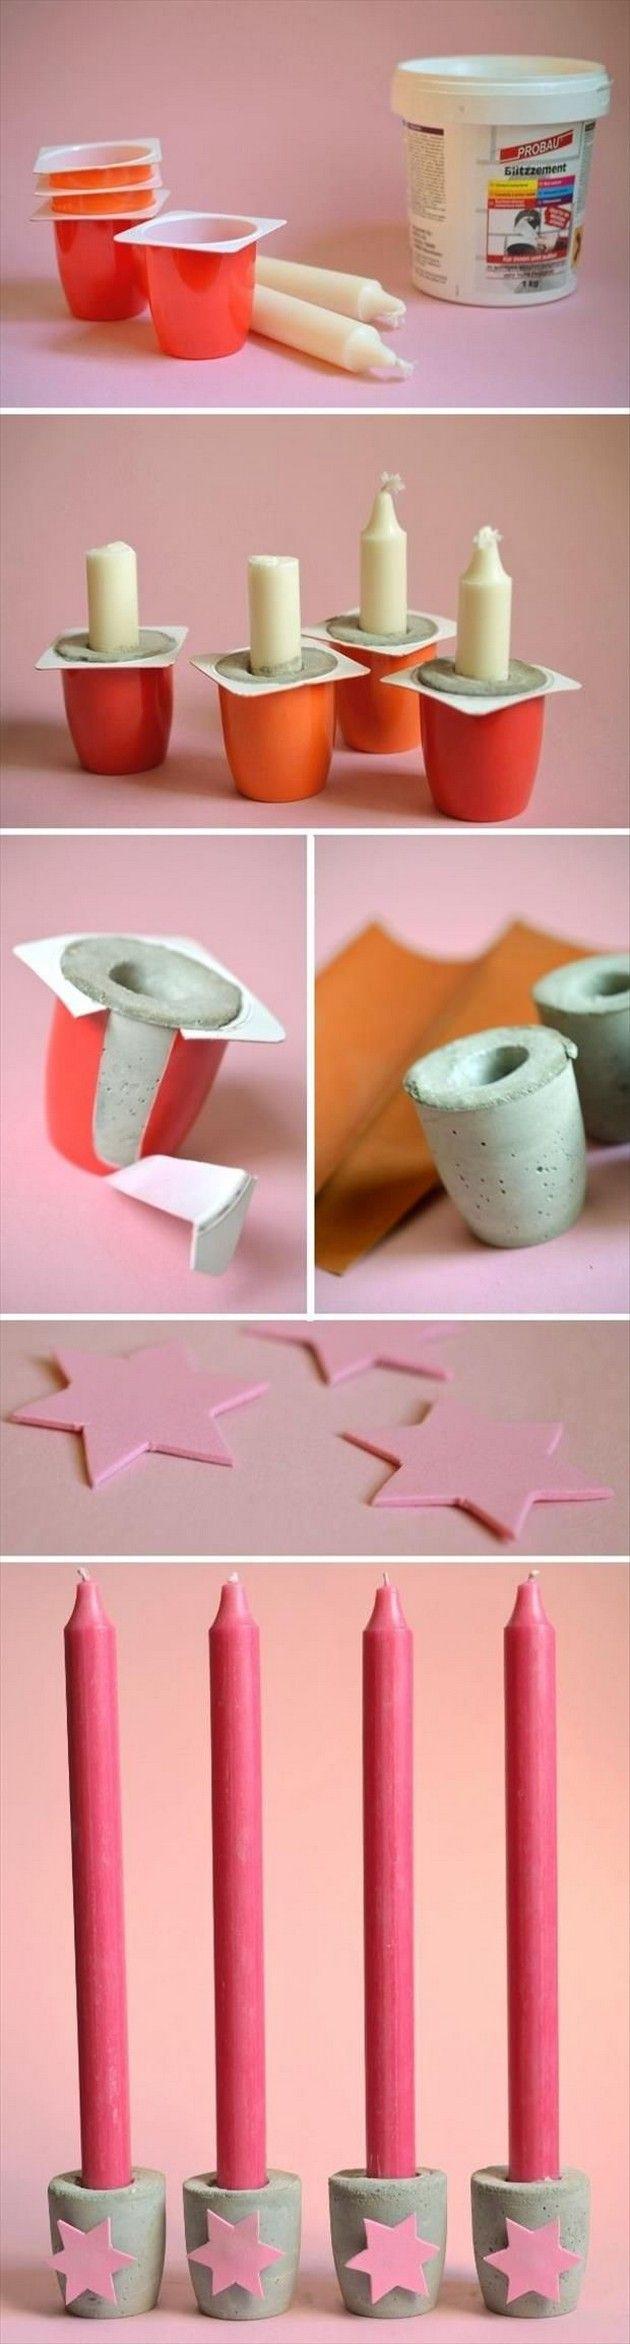 Craft Ideas (11 pics)Vitamin-Ha   Vitamin-Ha